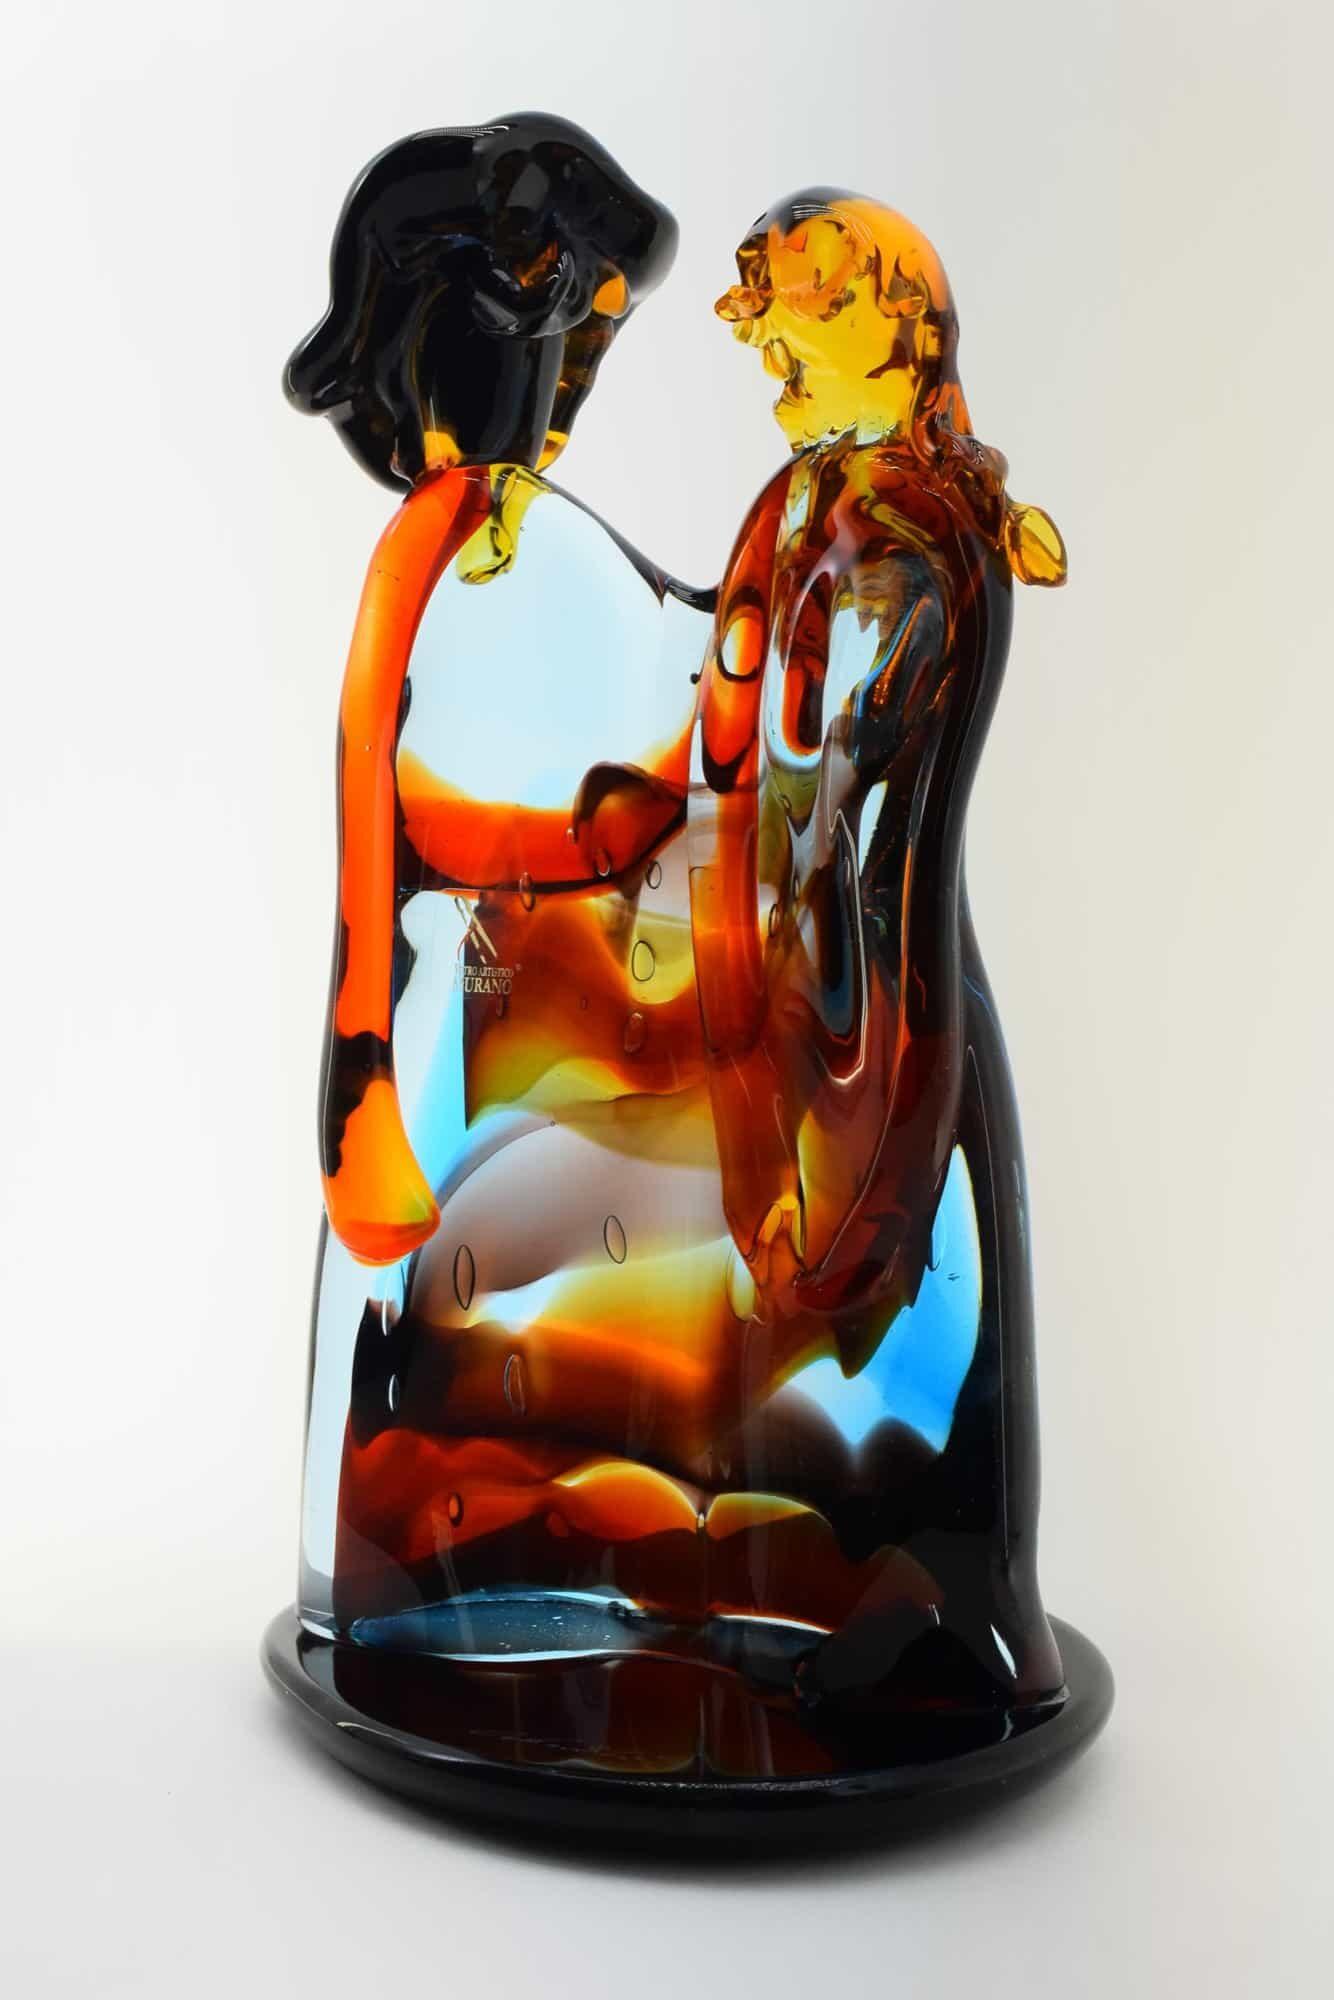 Murano Glass Lovers Sculpture - (Art. 36363)